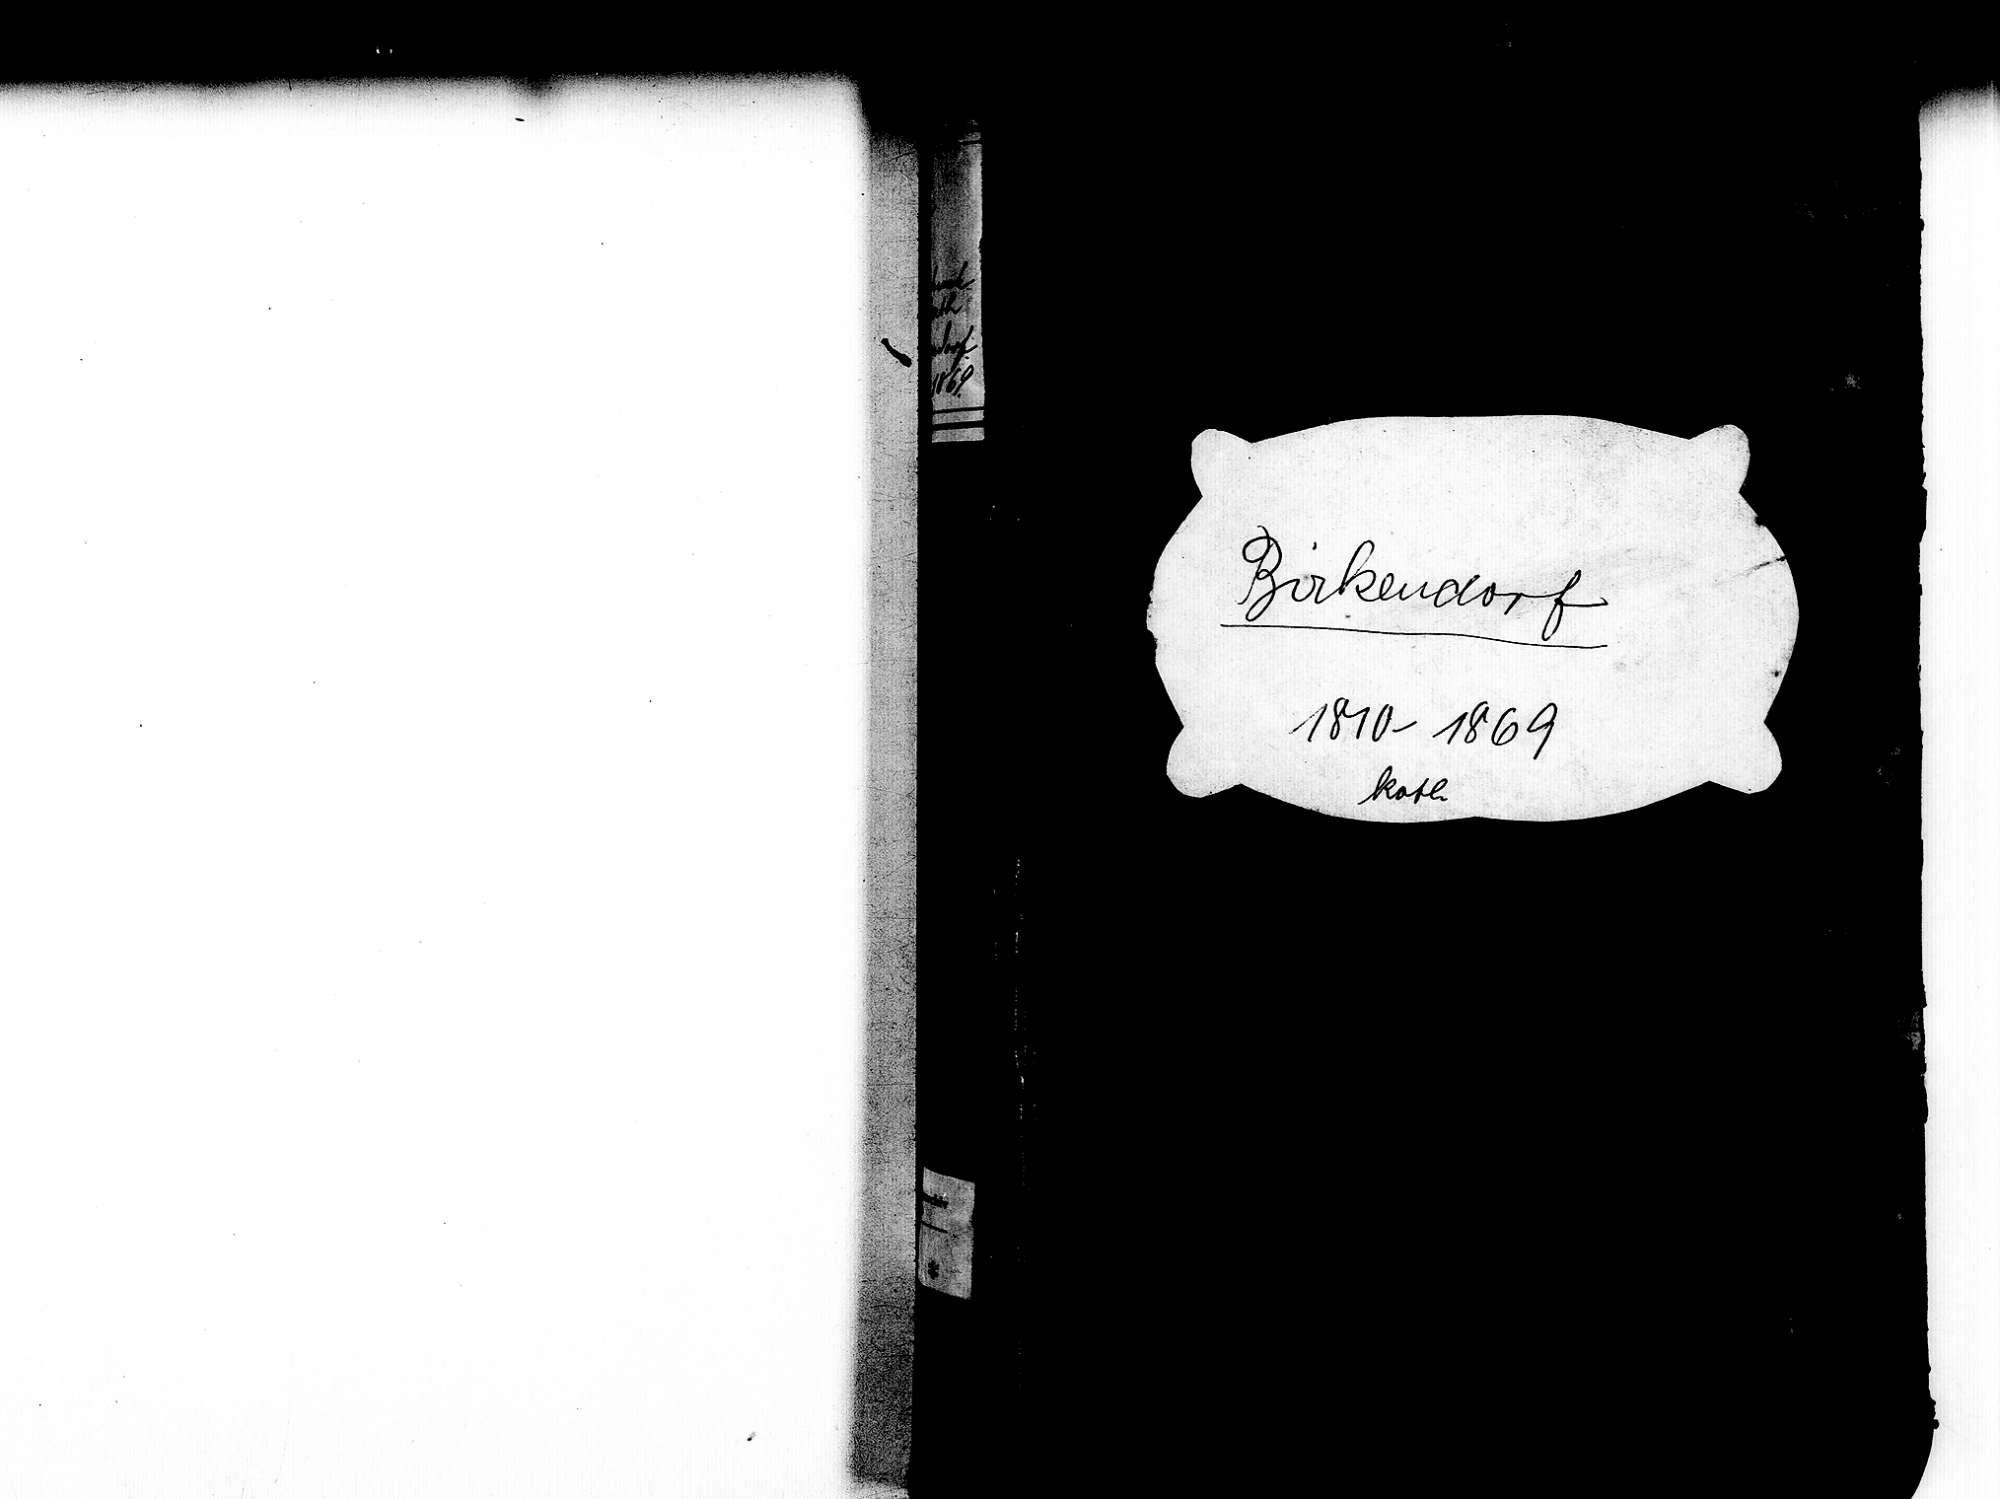 Birkendorf, Ühlingen-Birkendorf WT; Katholische Gemeinde: Heirats- und Sterbebuch 1810-1869, Bild 2